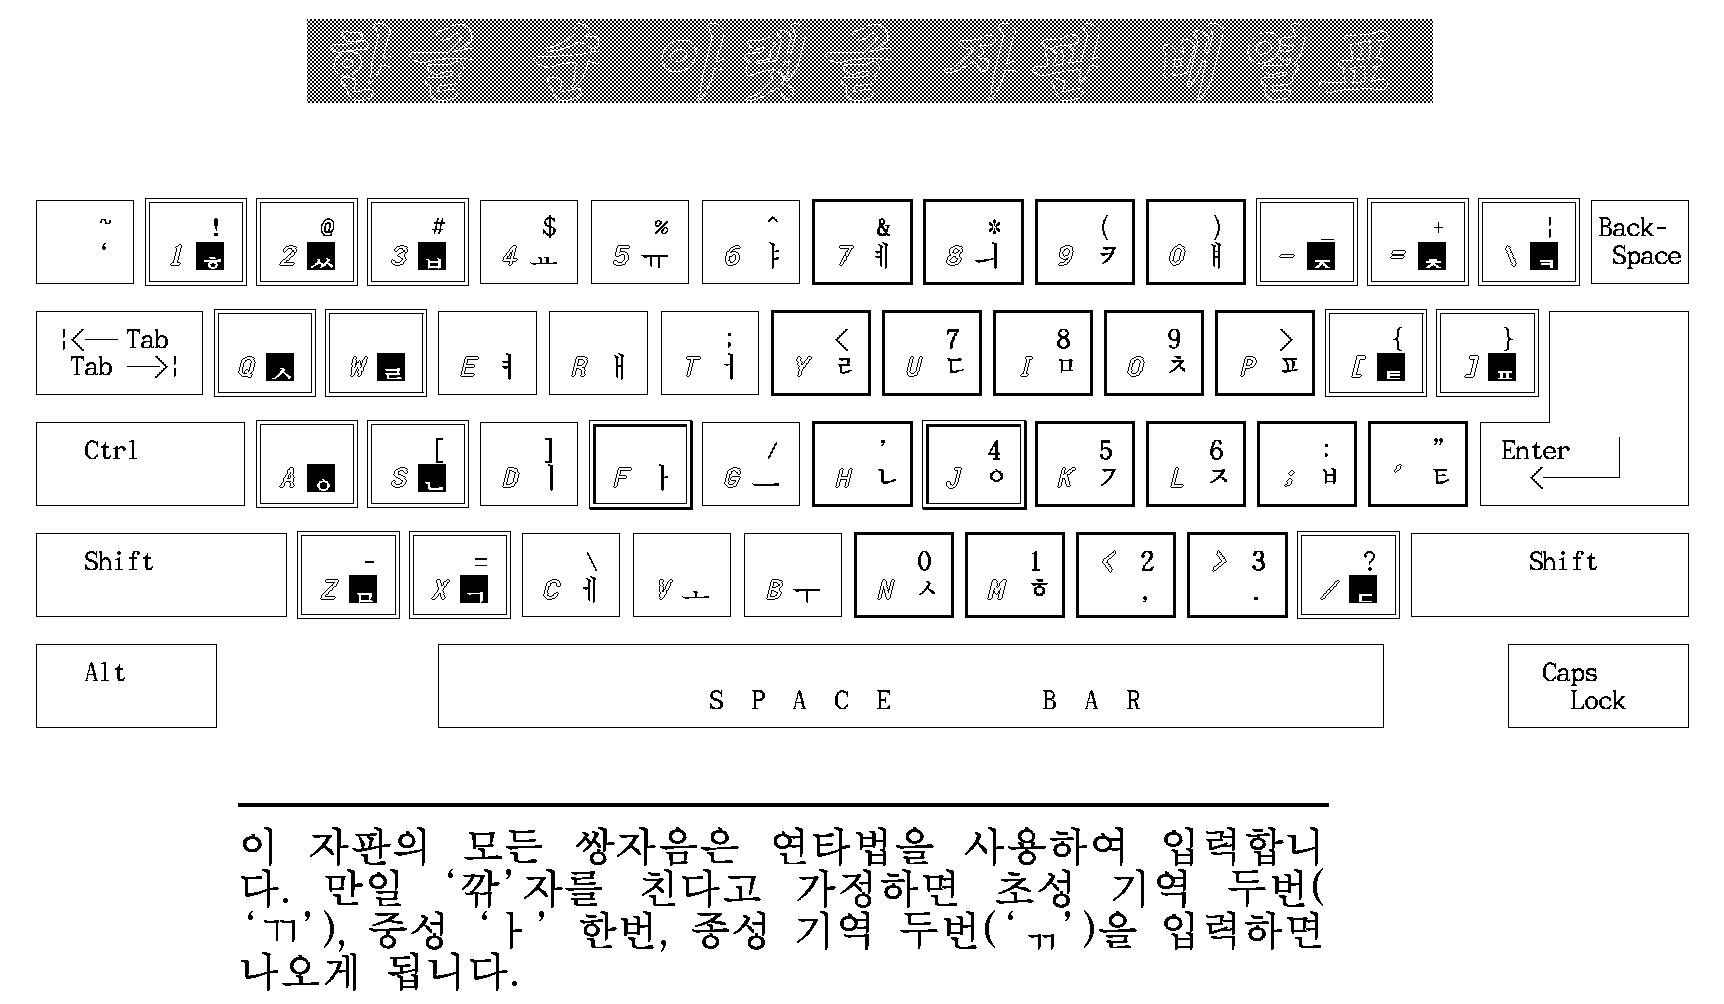 순아래 자판 (순 아랫글 자판, 만든 이 : 안종혁)